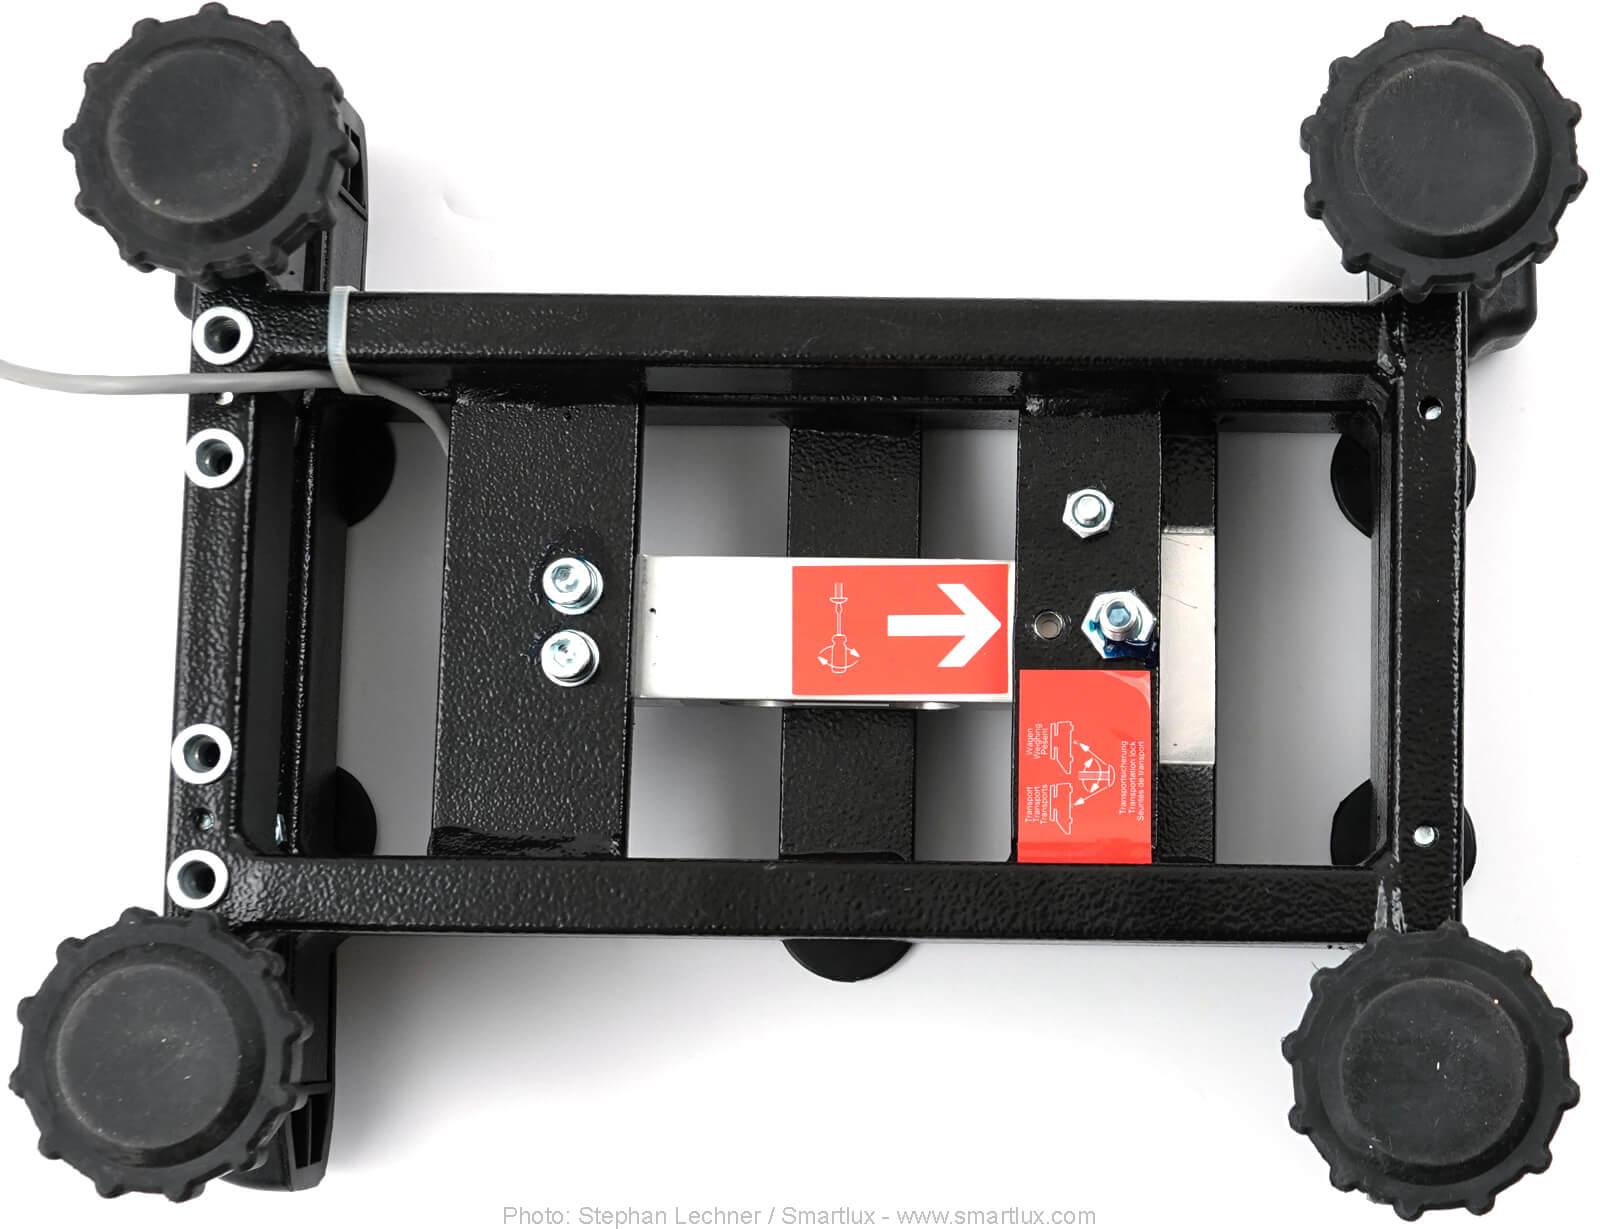 Waage Kern IFB Transportsicherung variante 1 Schraube entfernt